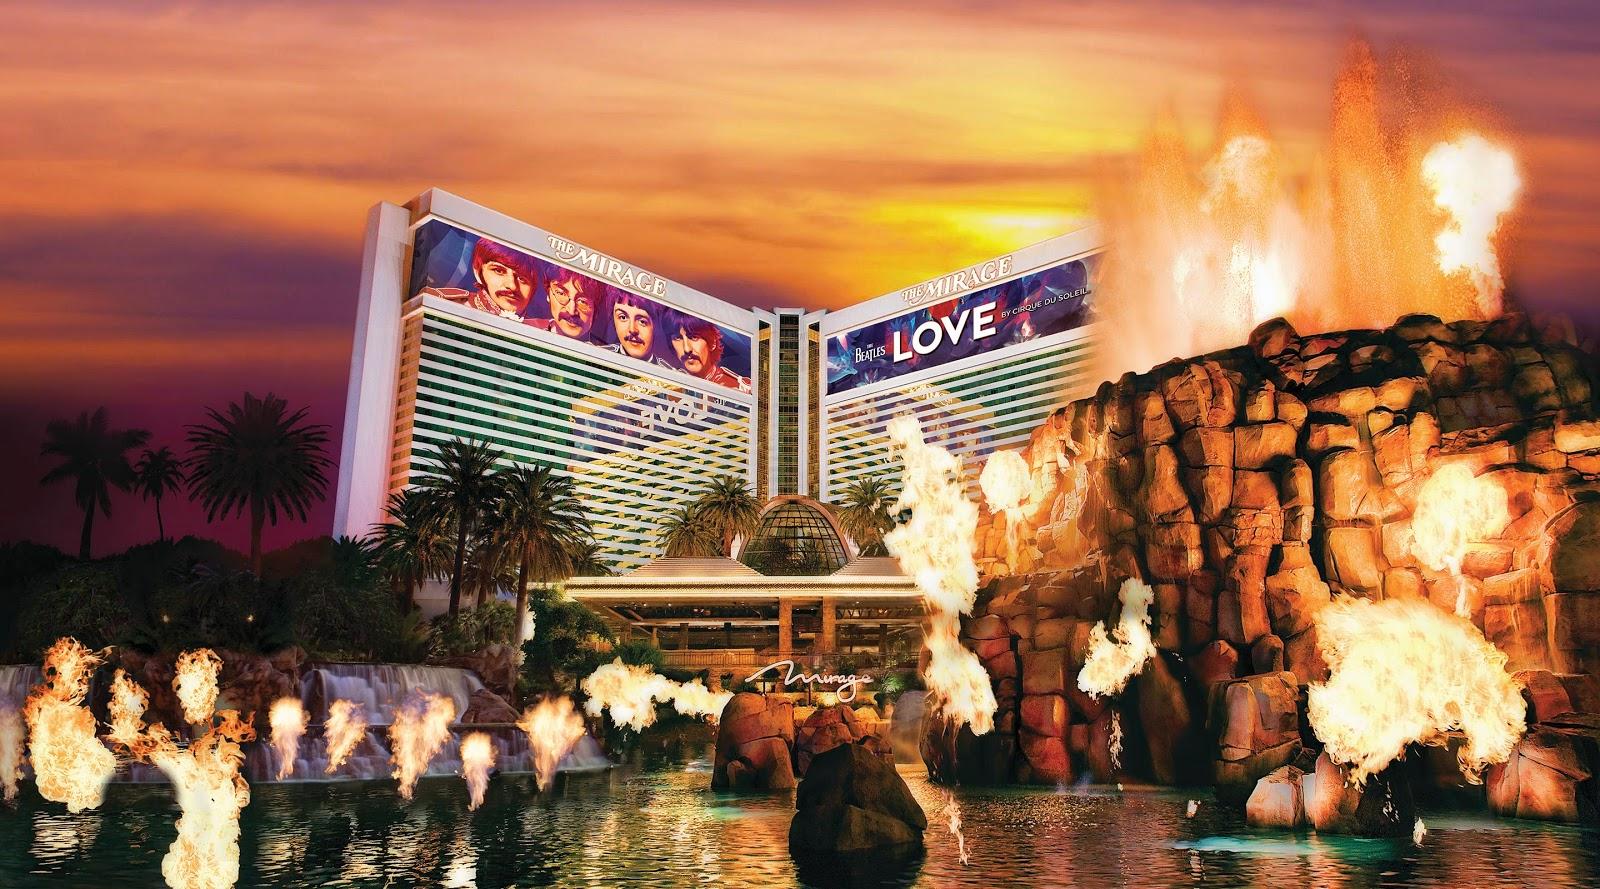 Atrações do hotel The Mirage em Las Vegas